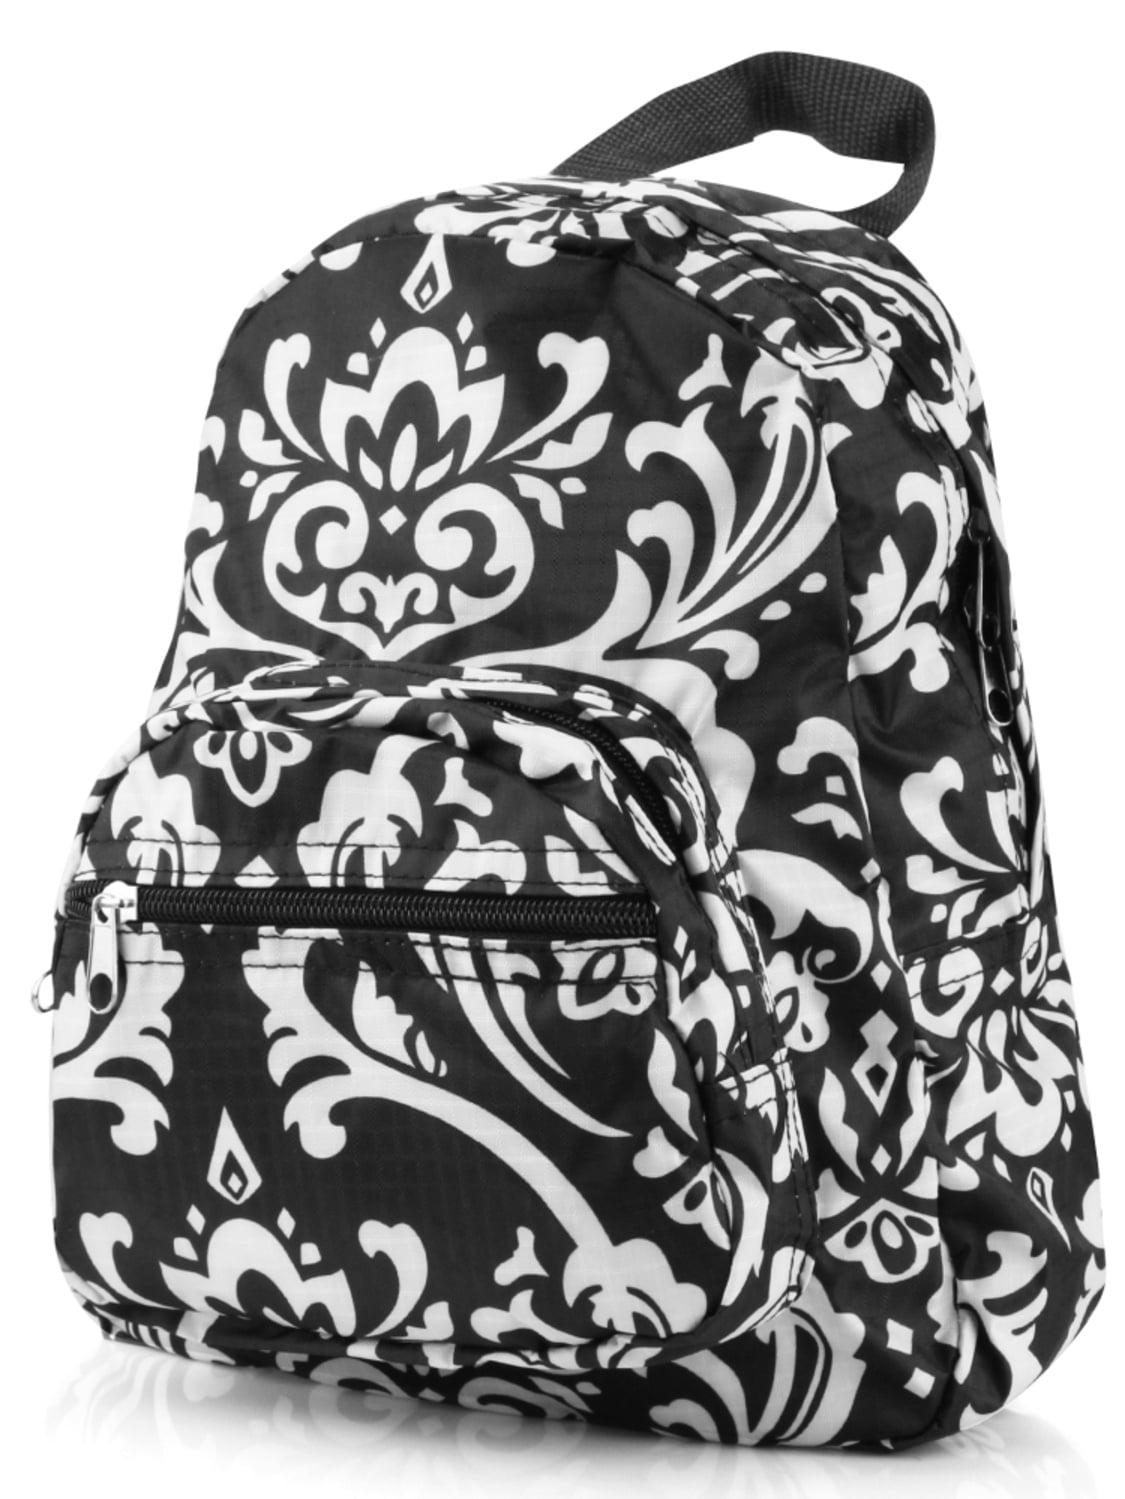 Zodaca Stylish Kids Small Travel Backpack Girls Boys Bookbag Shoulder Children's School Bag for Outside Activity